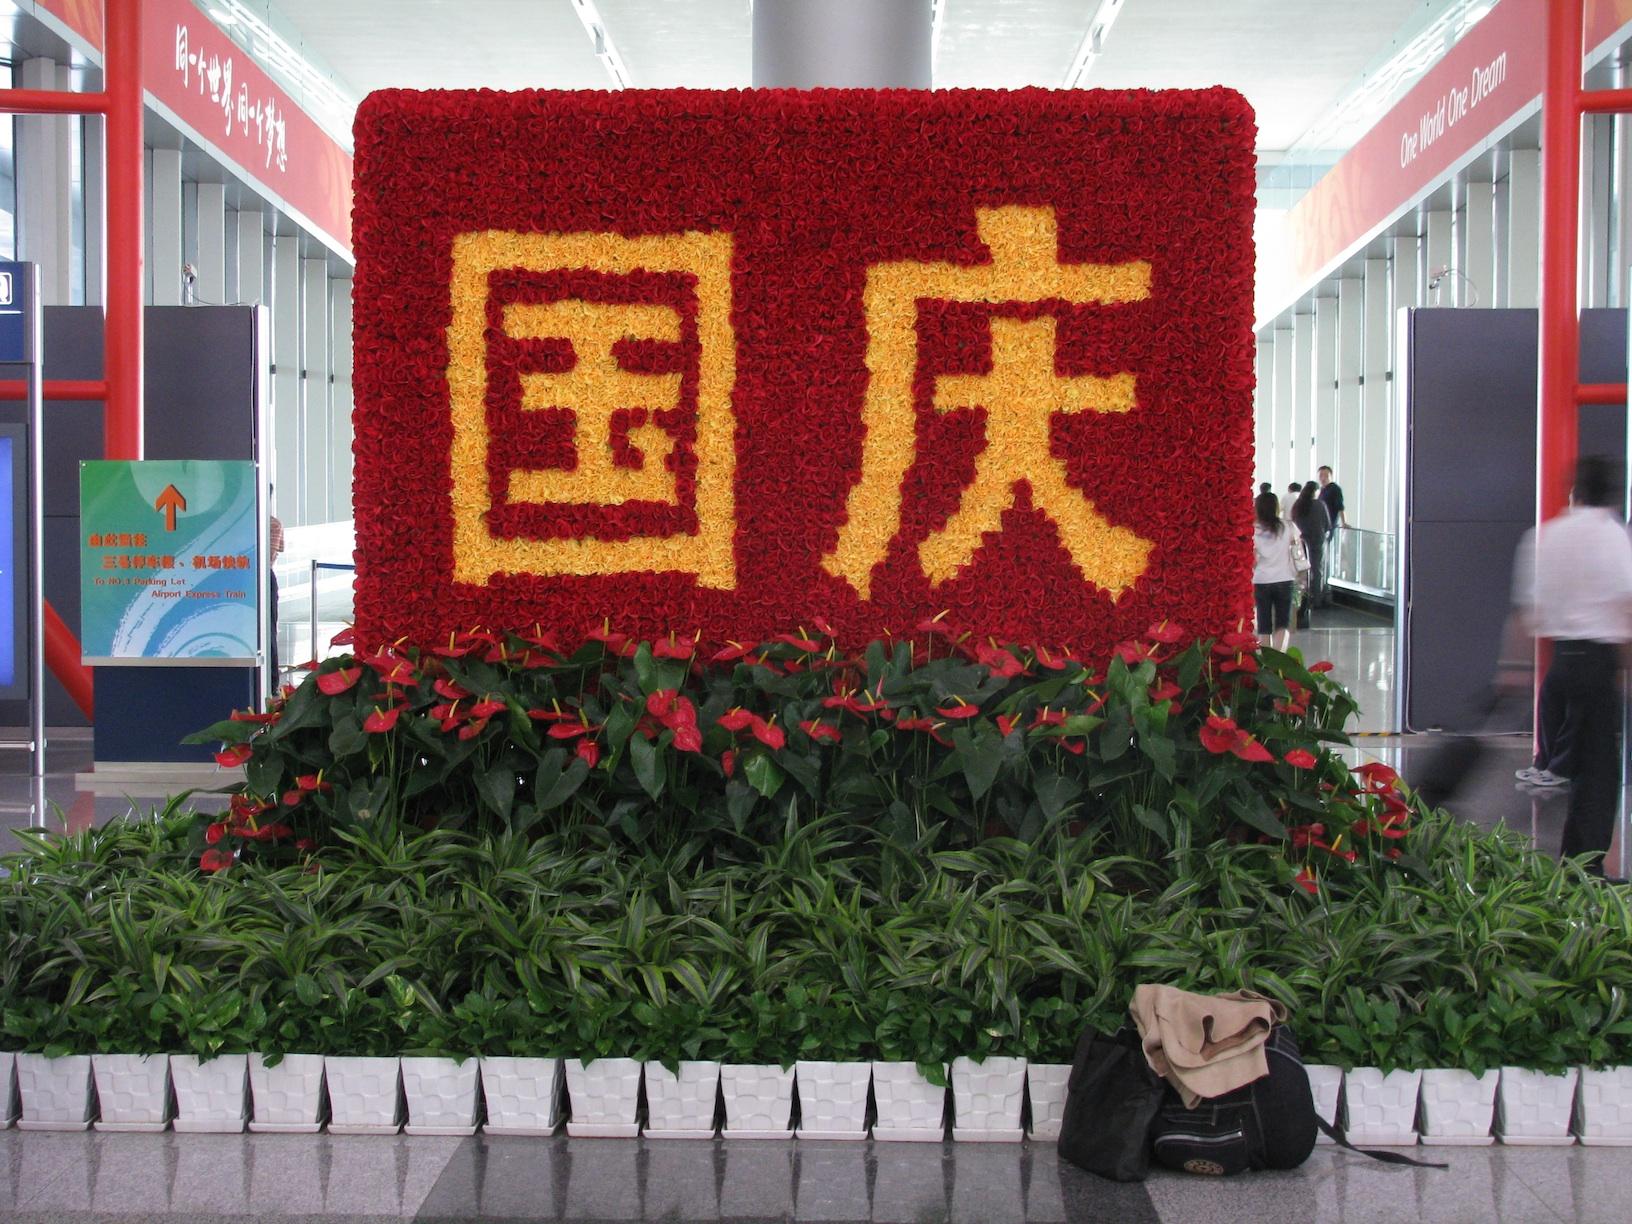 2013-02-18-bobsbagsinbeijing3_0.jpg